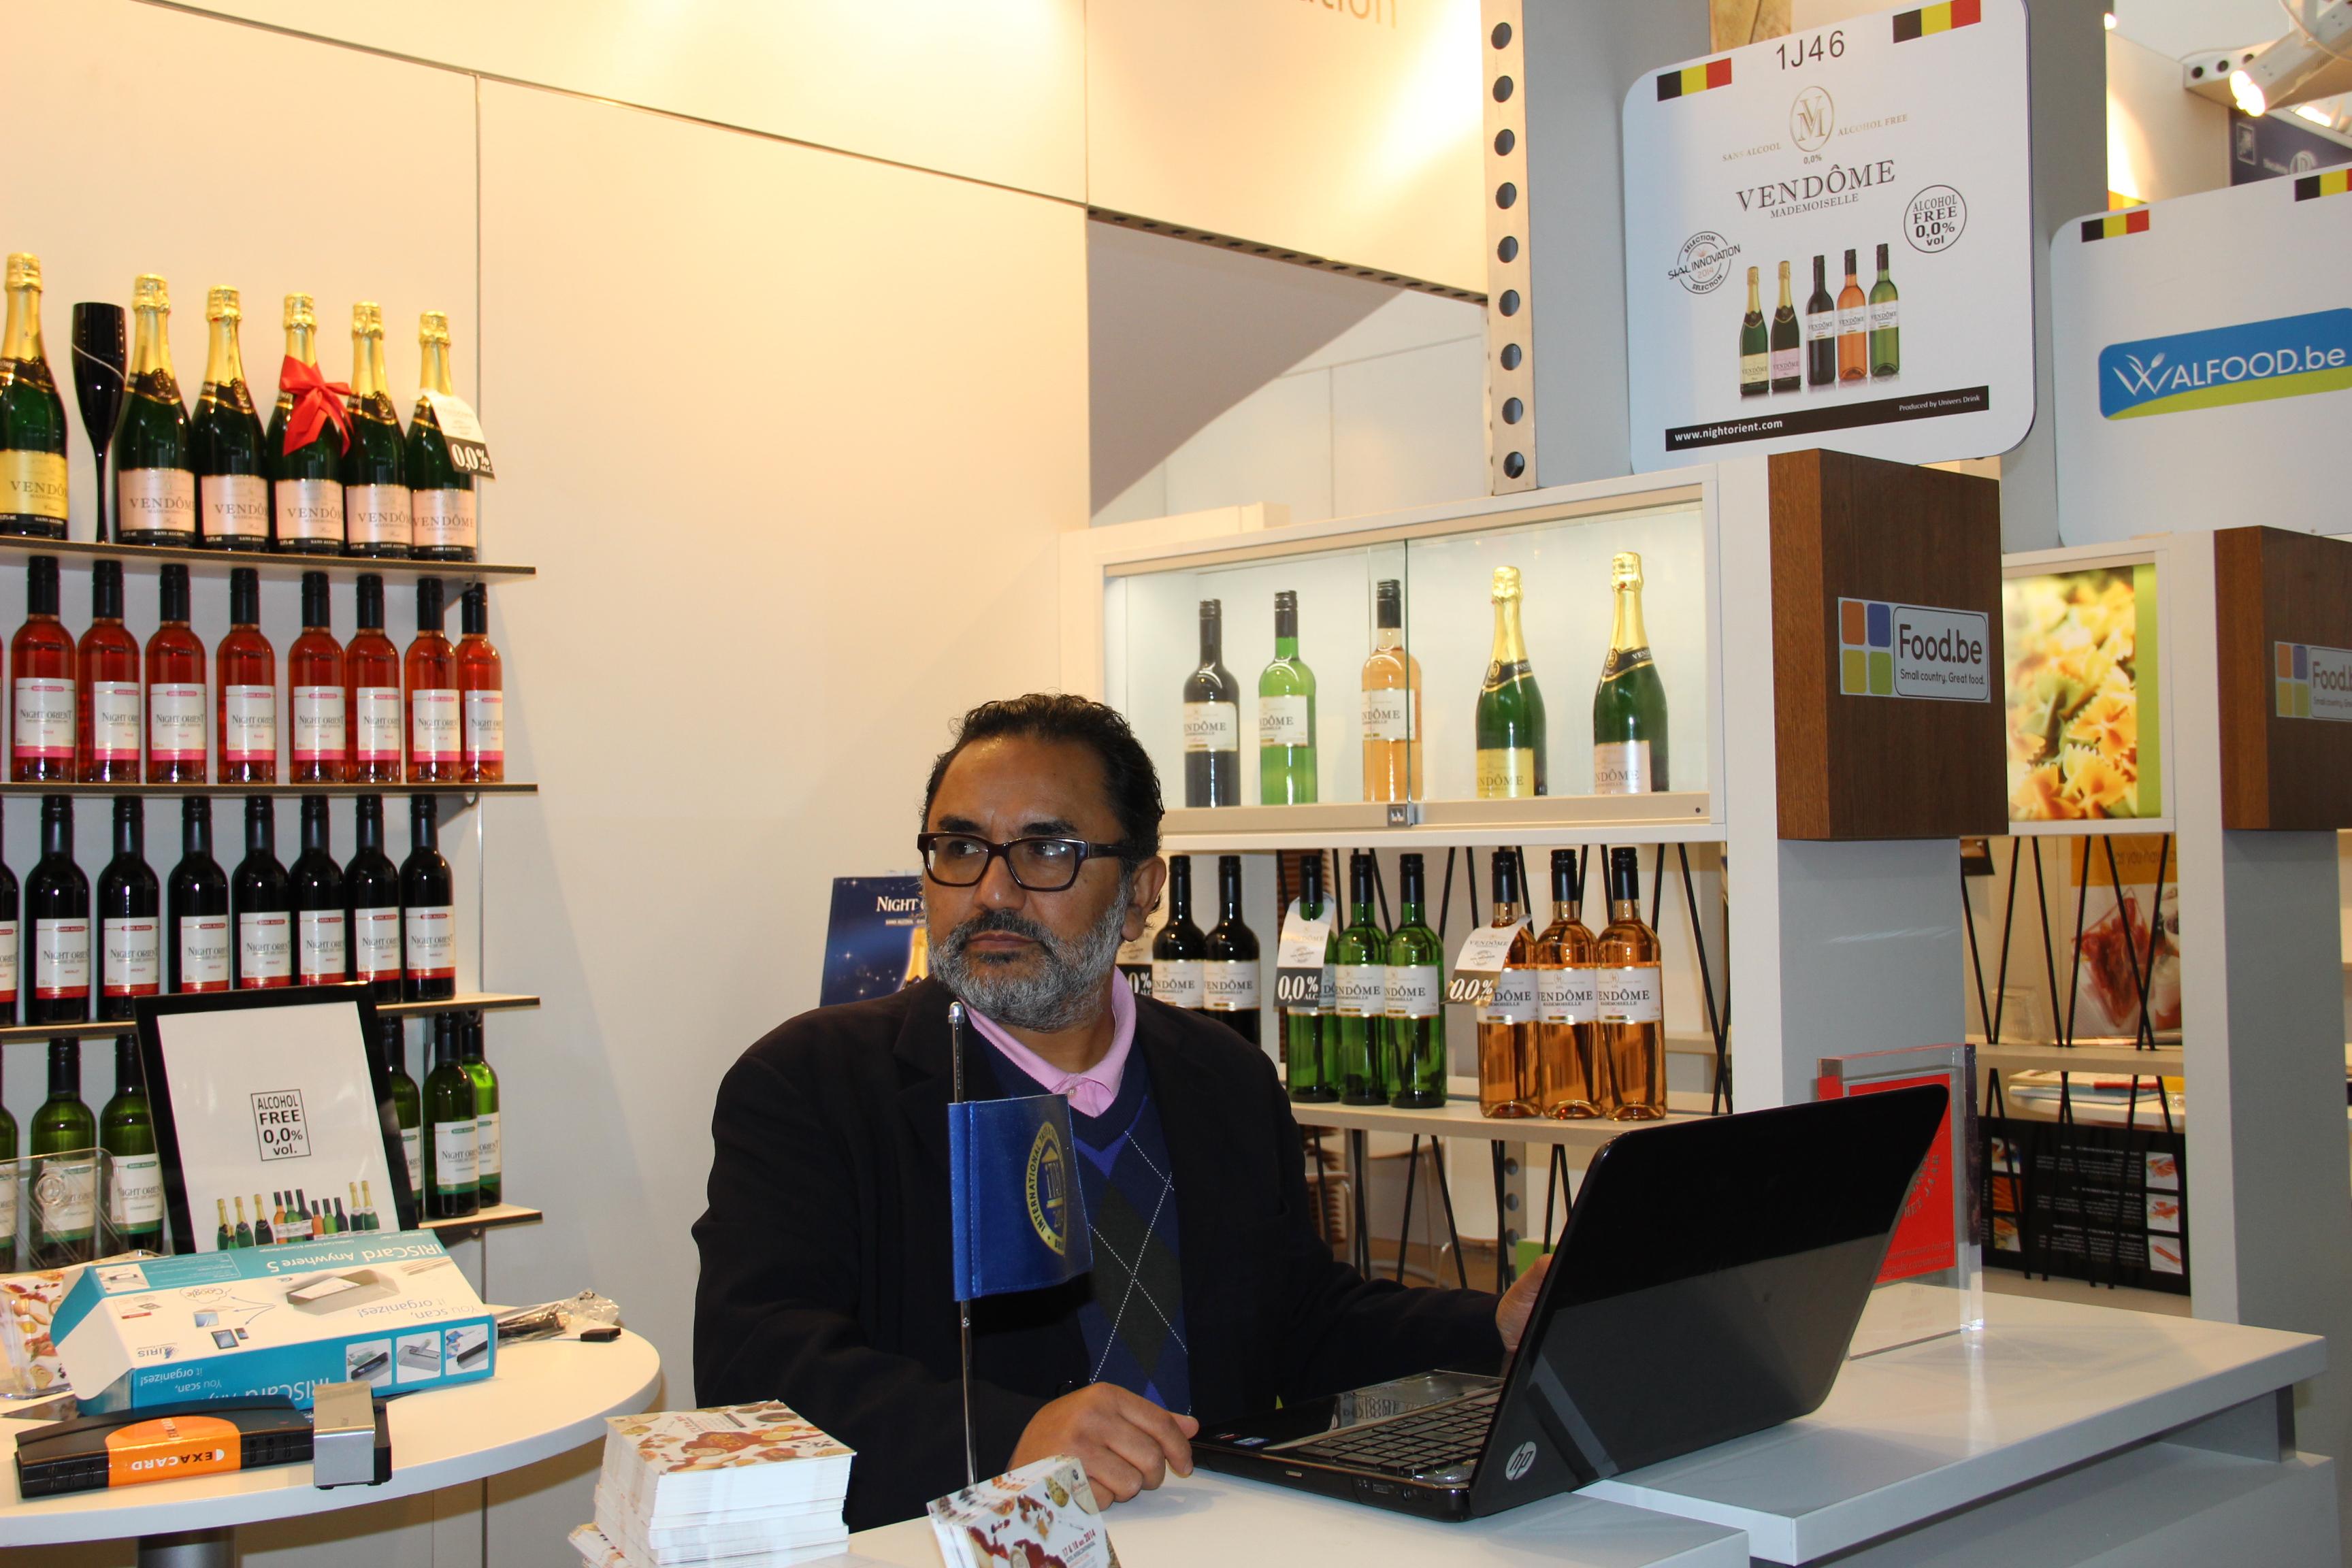 Chilehalal Participa a la Expo SIRHA en Lyon Francia (24-28 de Enero 2015) promoviendo a la Halal Expo Latino Americana 2015